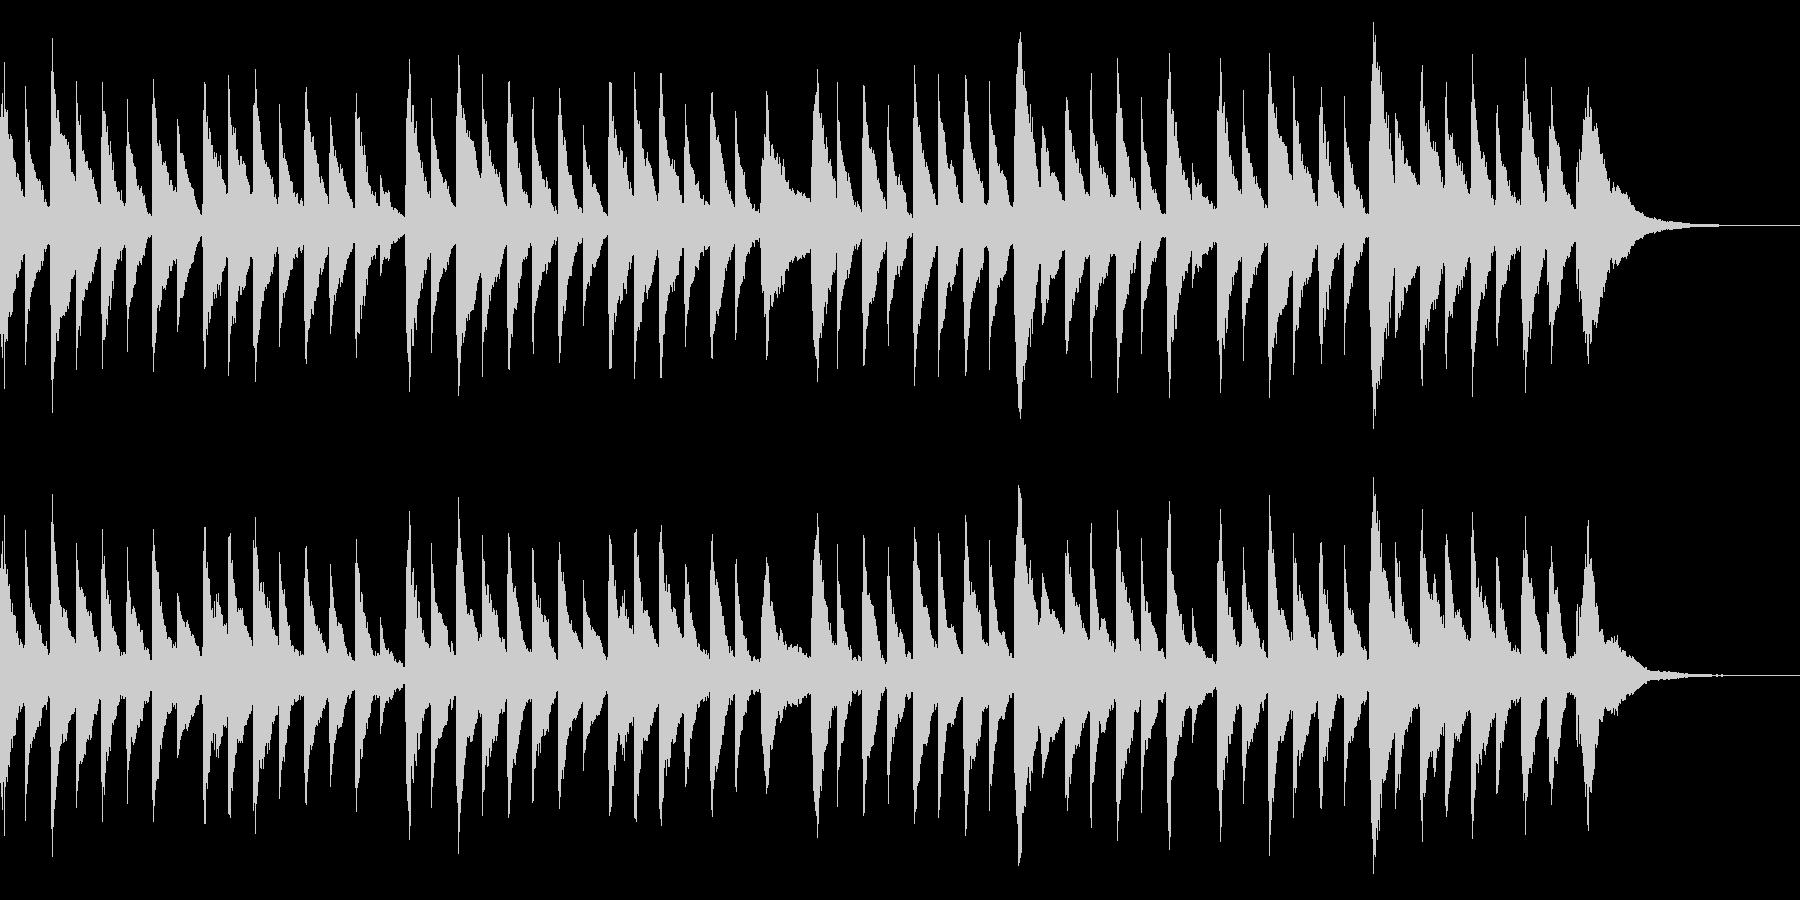 童謡オルゴール 春の小川 の未再生の波形